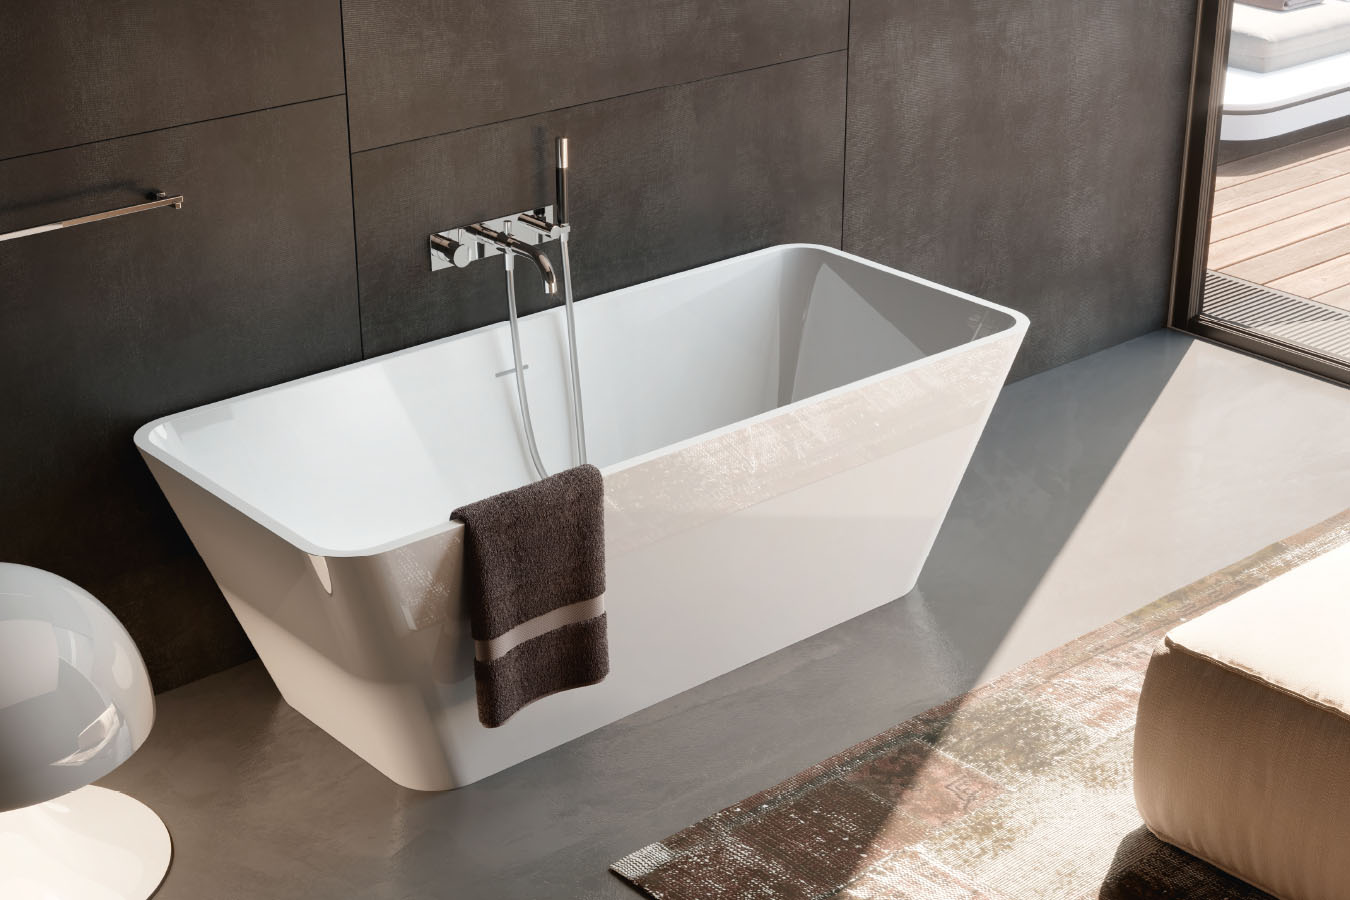 Vasca Da Bagno Revita : Viva vasca da bagno centro stanza cm.165x70 treesse edilceramiche